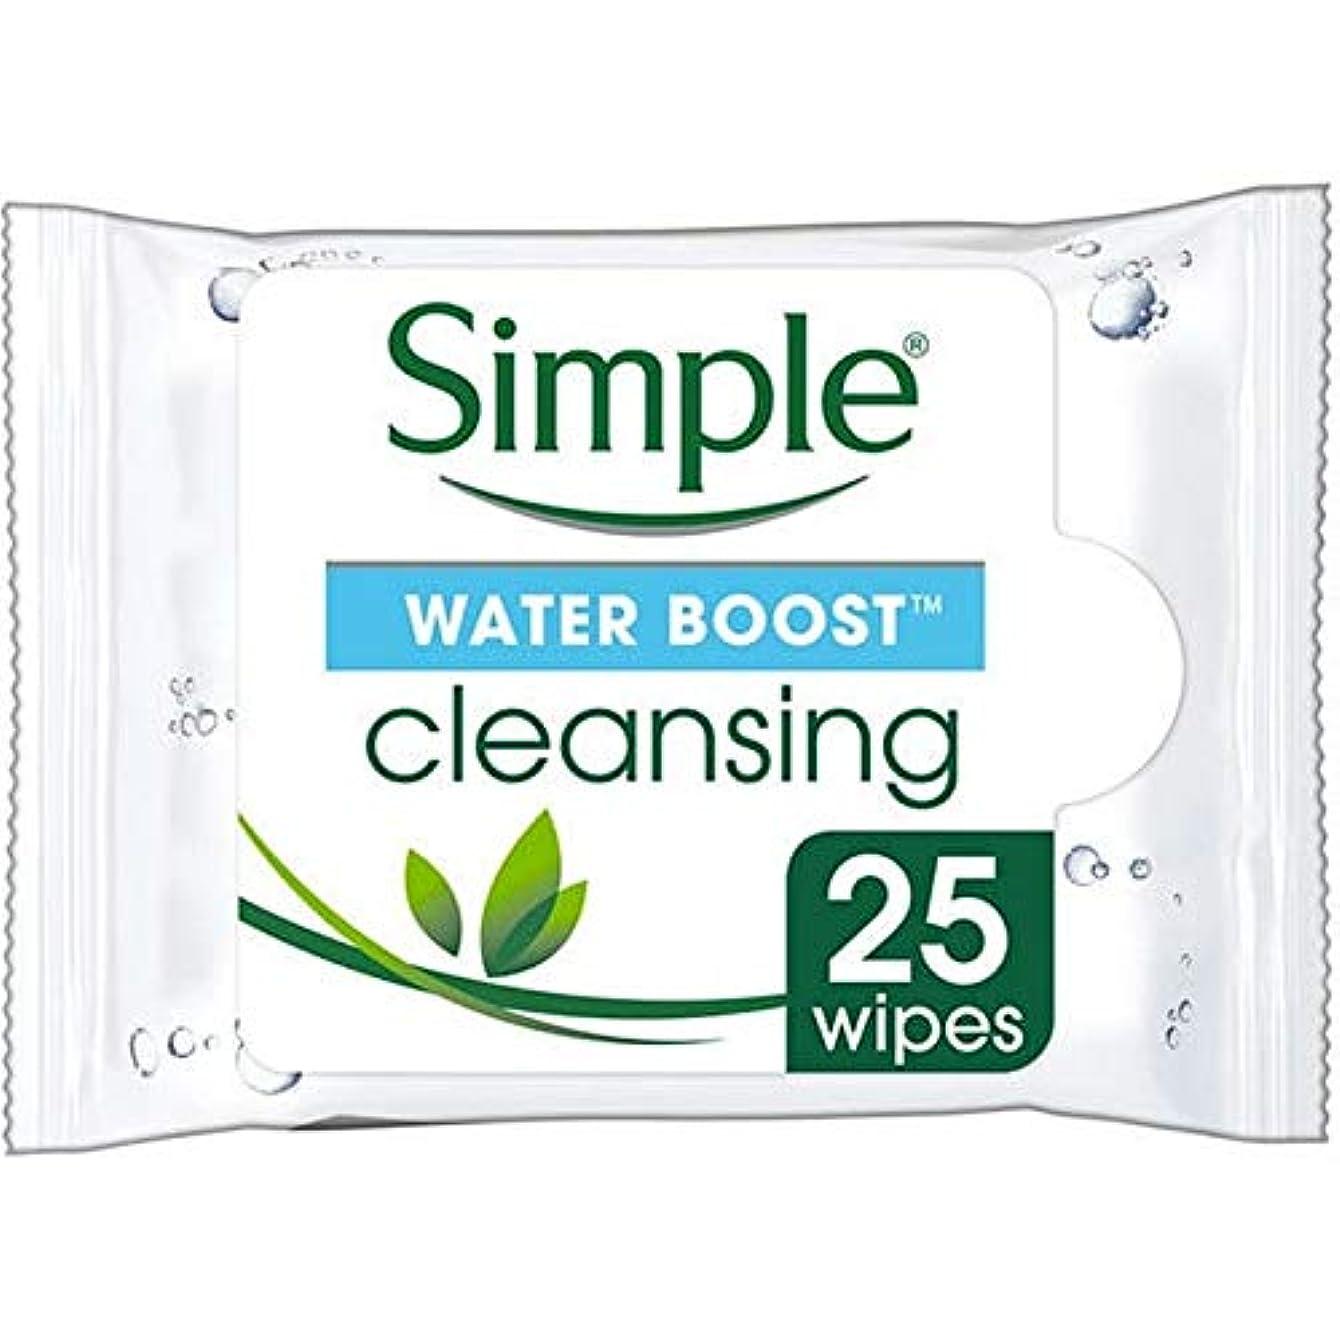 密副おもてなし[Simple ] シンプルな水ブースト面はX25をワイプ - Simple Water Boost Face Wipes X25 [並行輸入品]